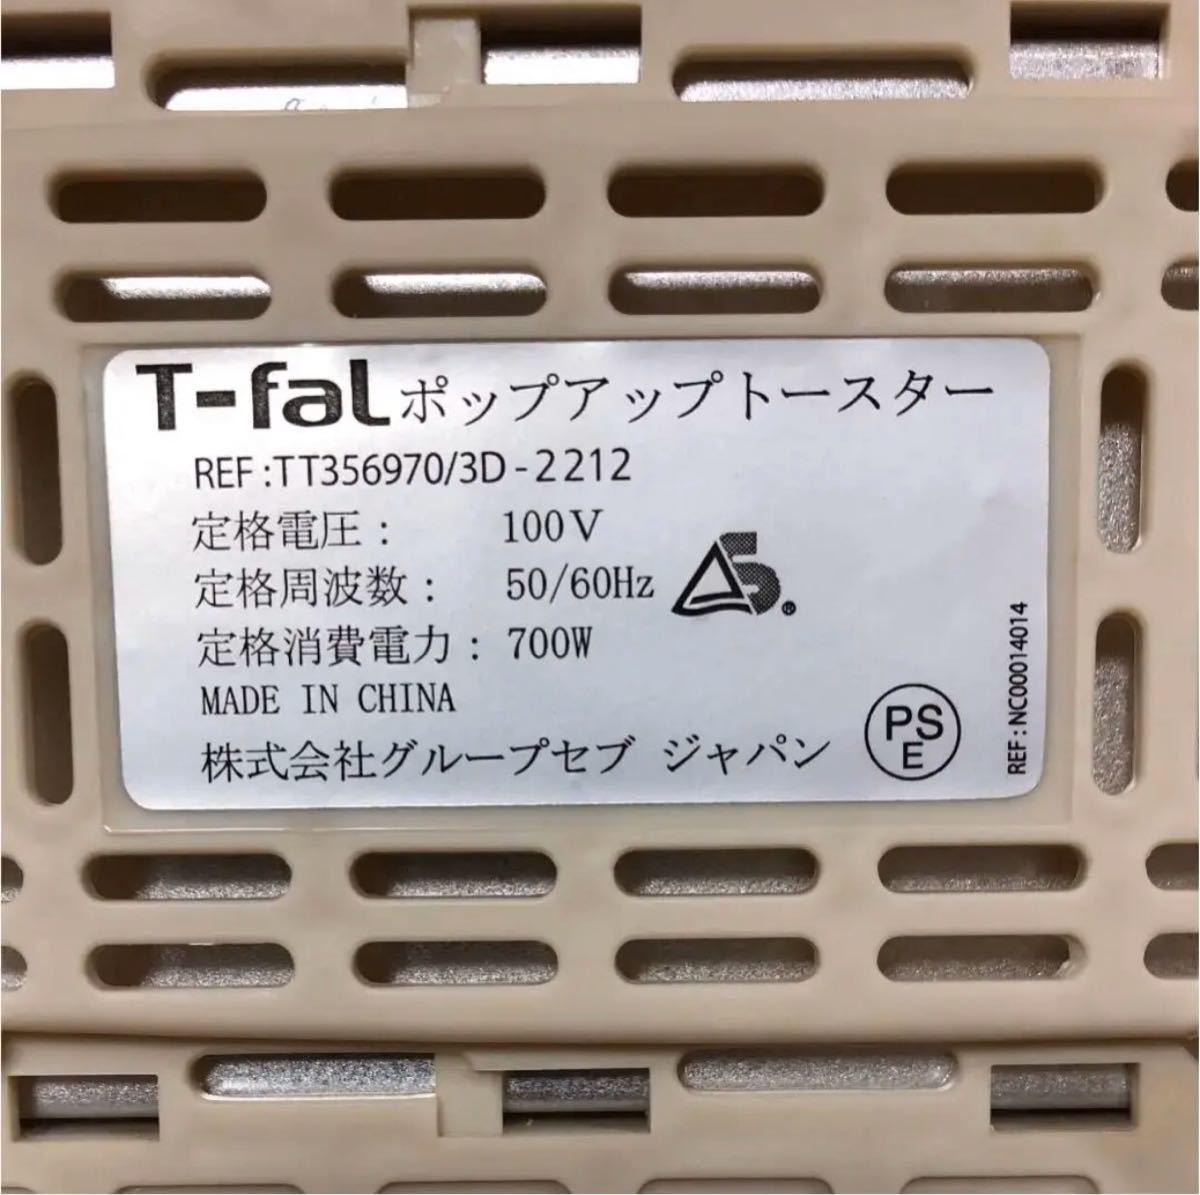 T-faL ポップアップトースター 美品